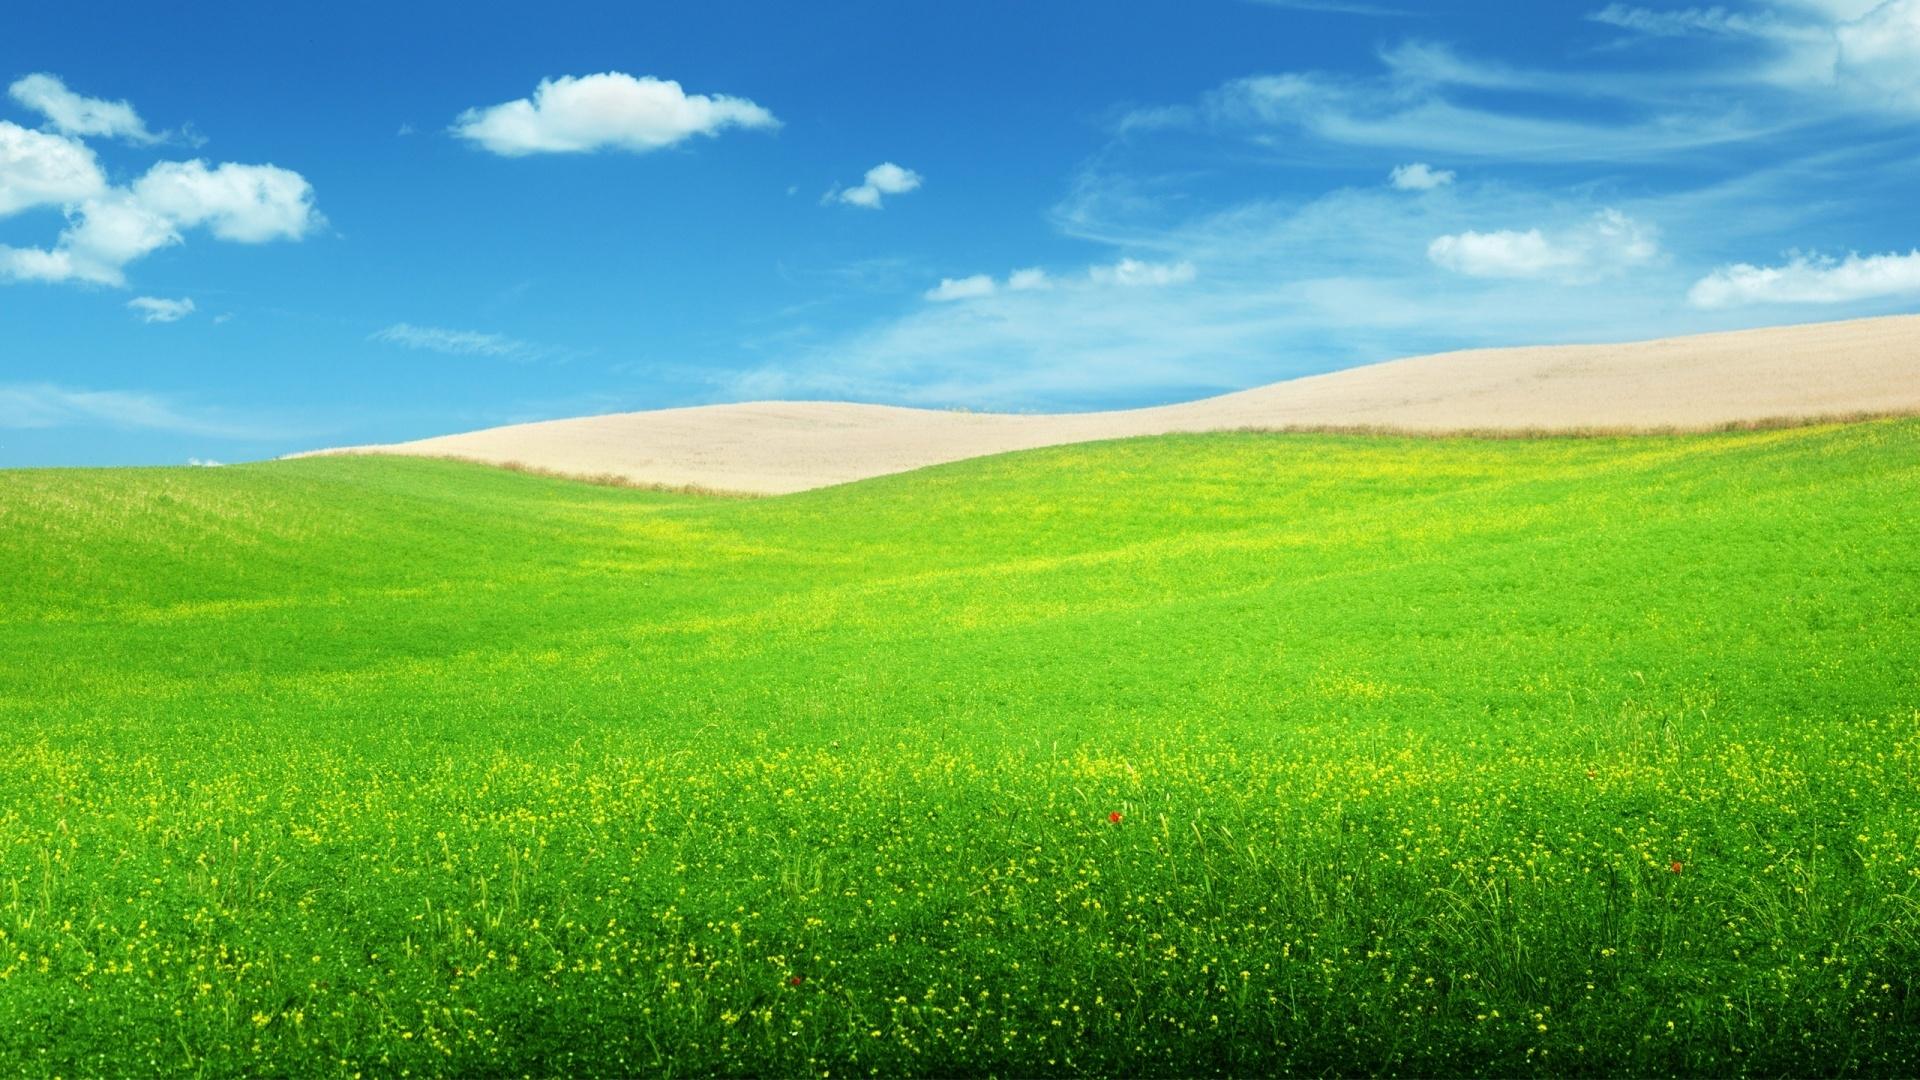 Field wallpaper for desktop